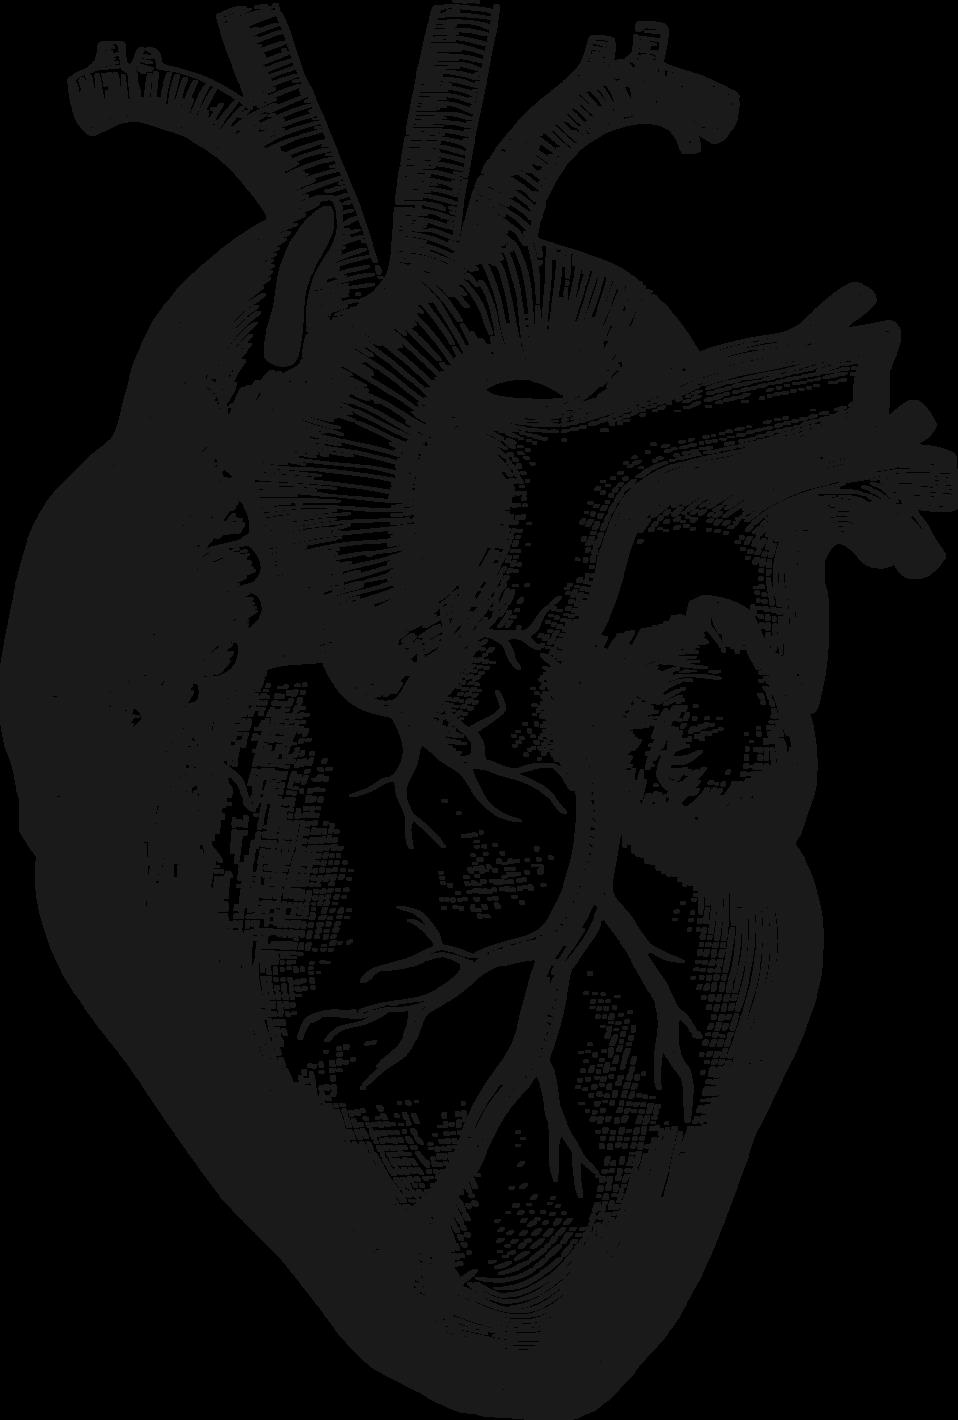 Anatomical Heart | Art | Pinterest | Anatomical heart, Art images ...